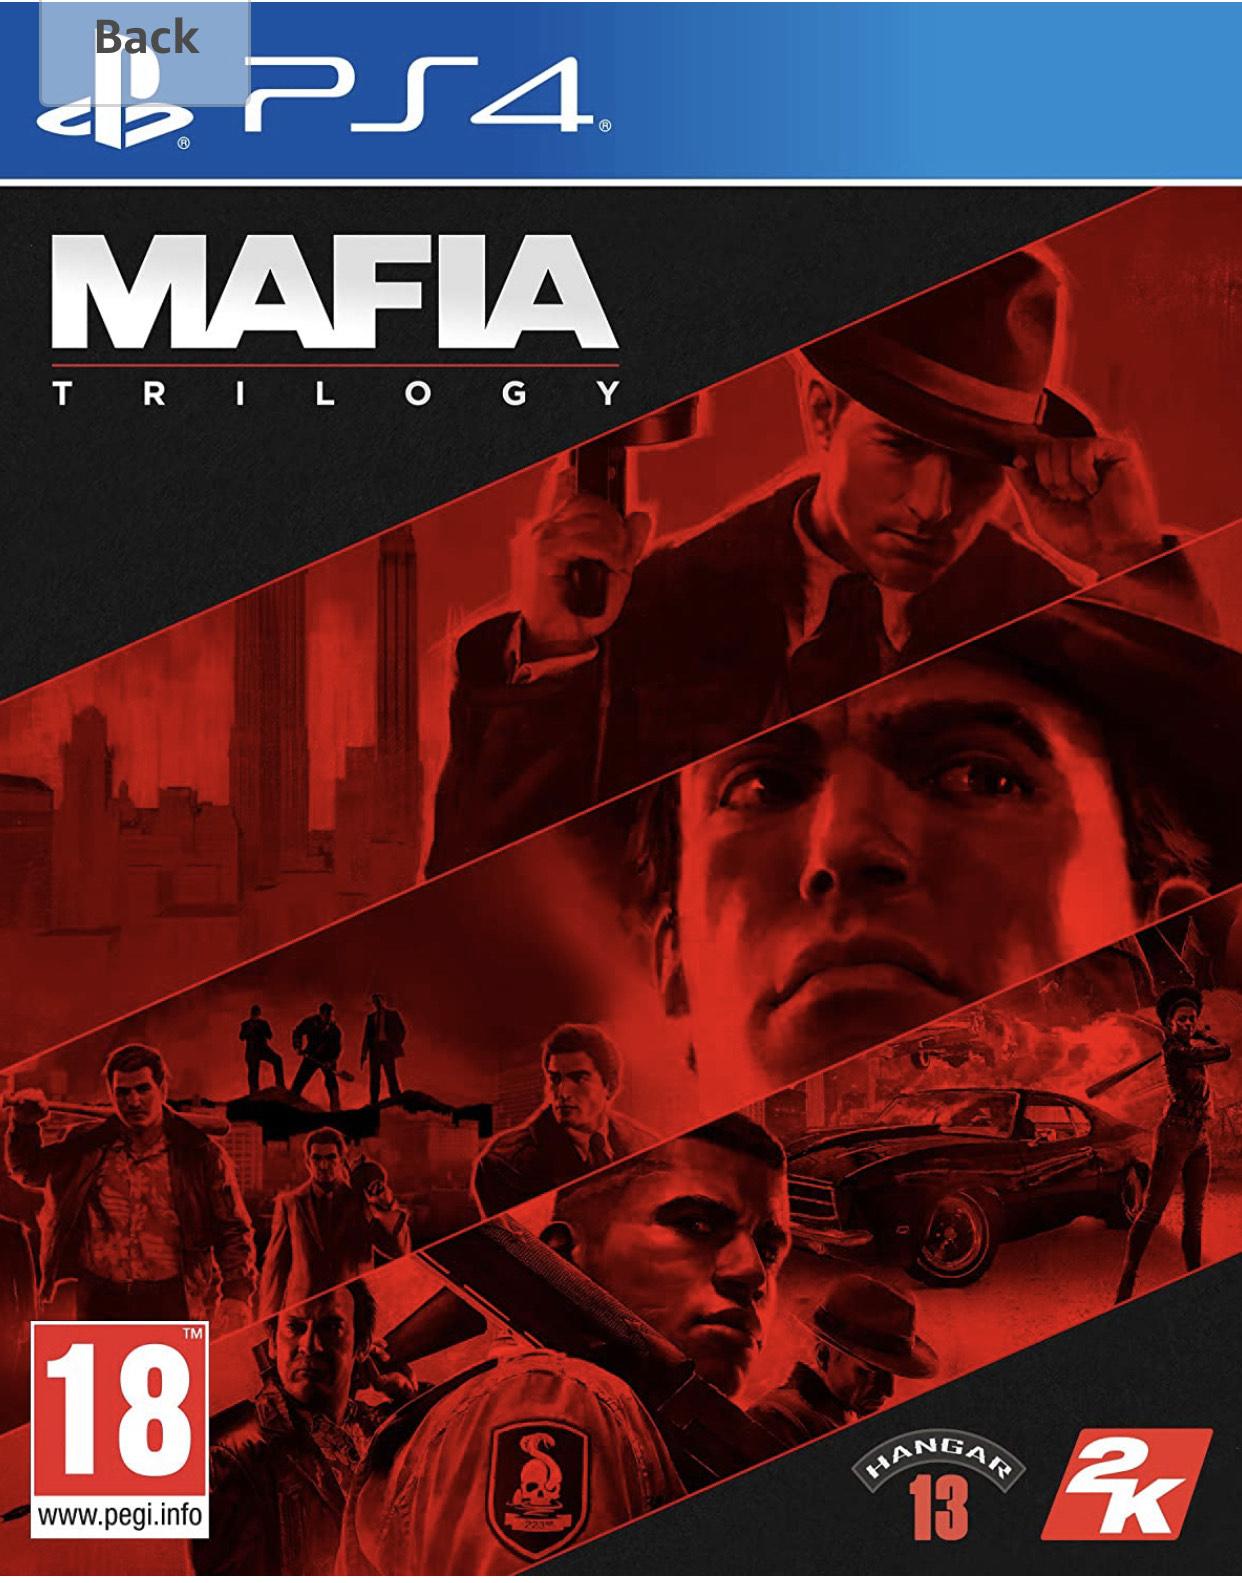 Jeu Mafia Trilogy sur PS4 (Frais d'importation inclus)